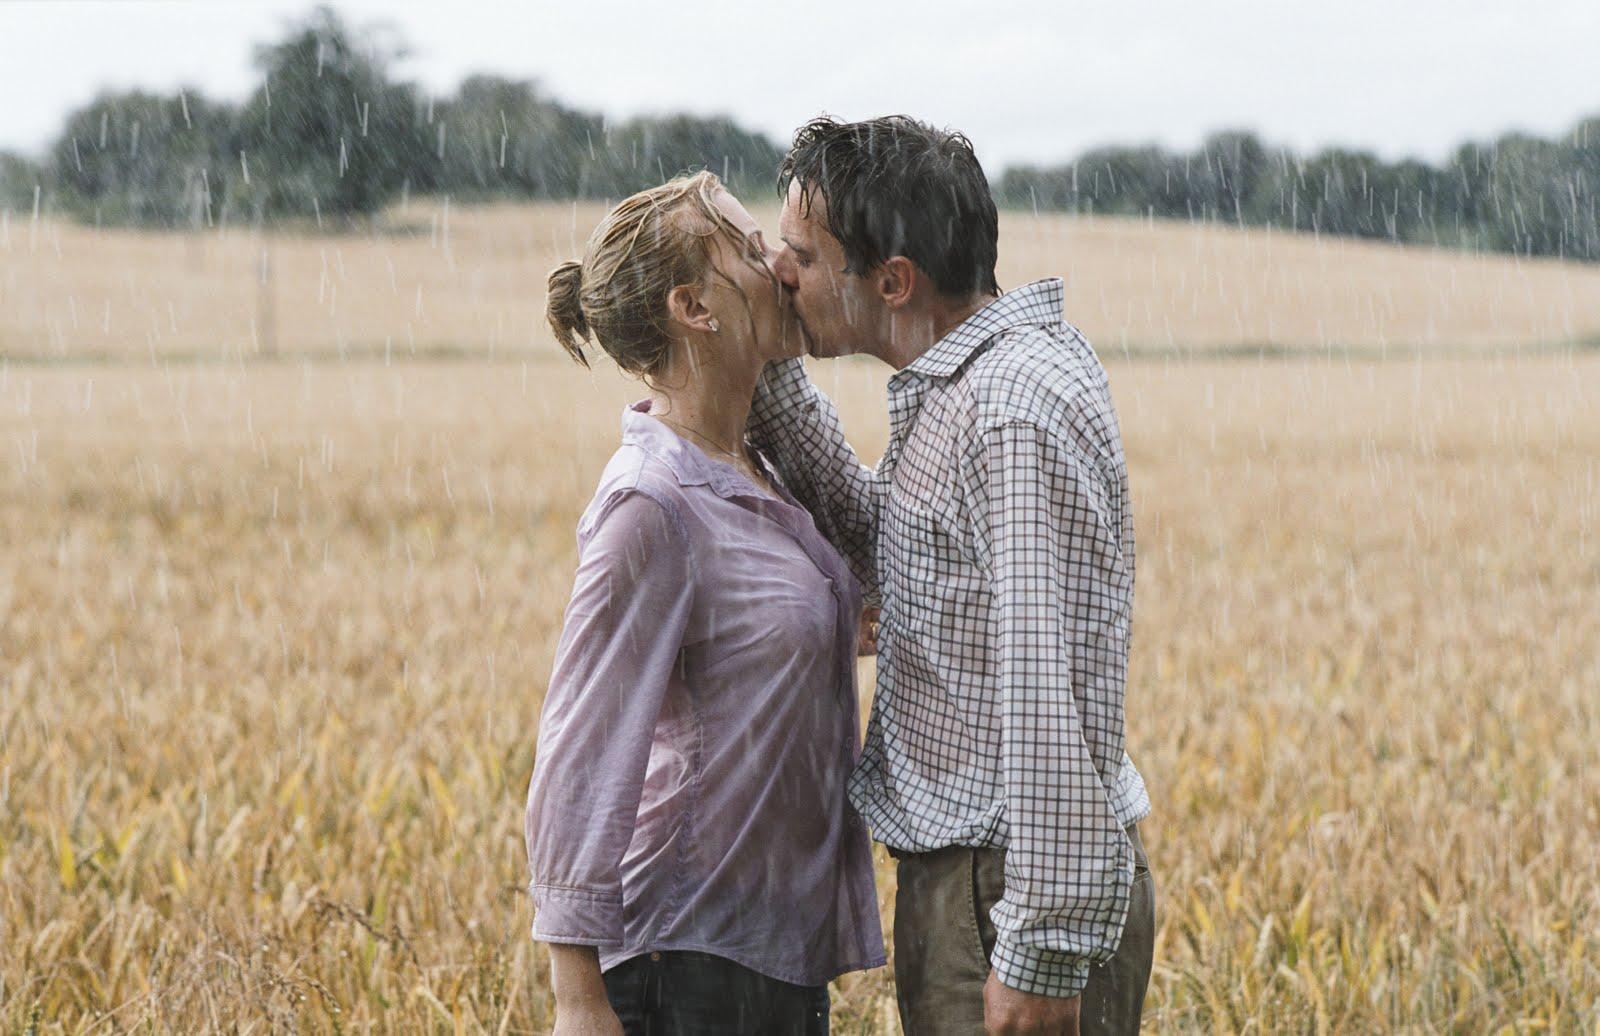 http://2.bp.blogspot.com/_7INDccPViqw/S69N60KhW9I/AAAAAAAABzA/HognhSSgz-s/s1600/Match+point+kiss.jpg